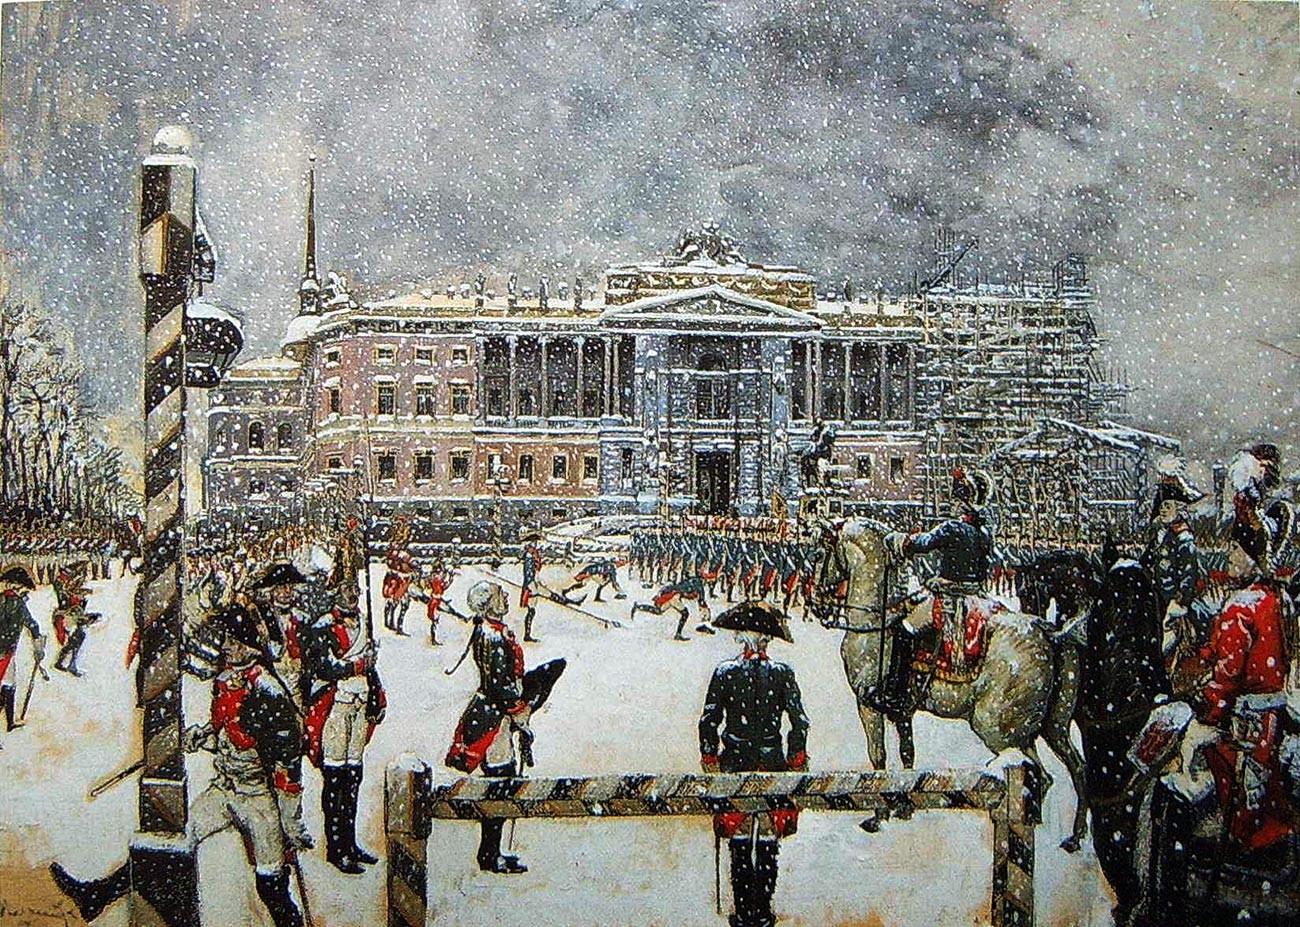 Eine Parade während der Regierungszeit von Paul I.